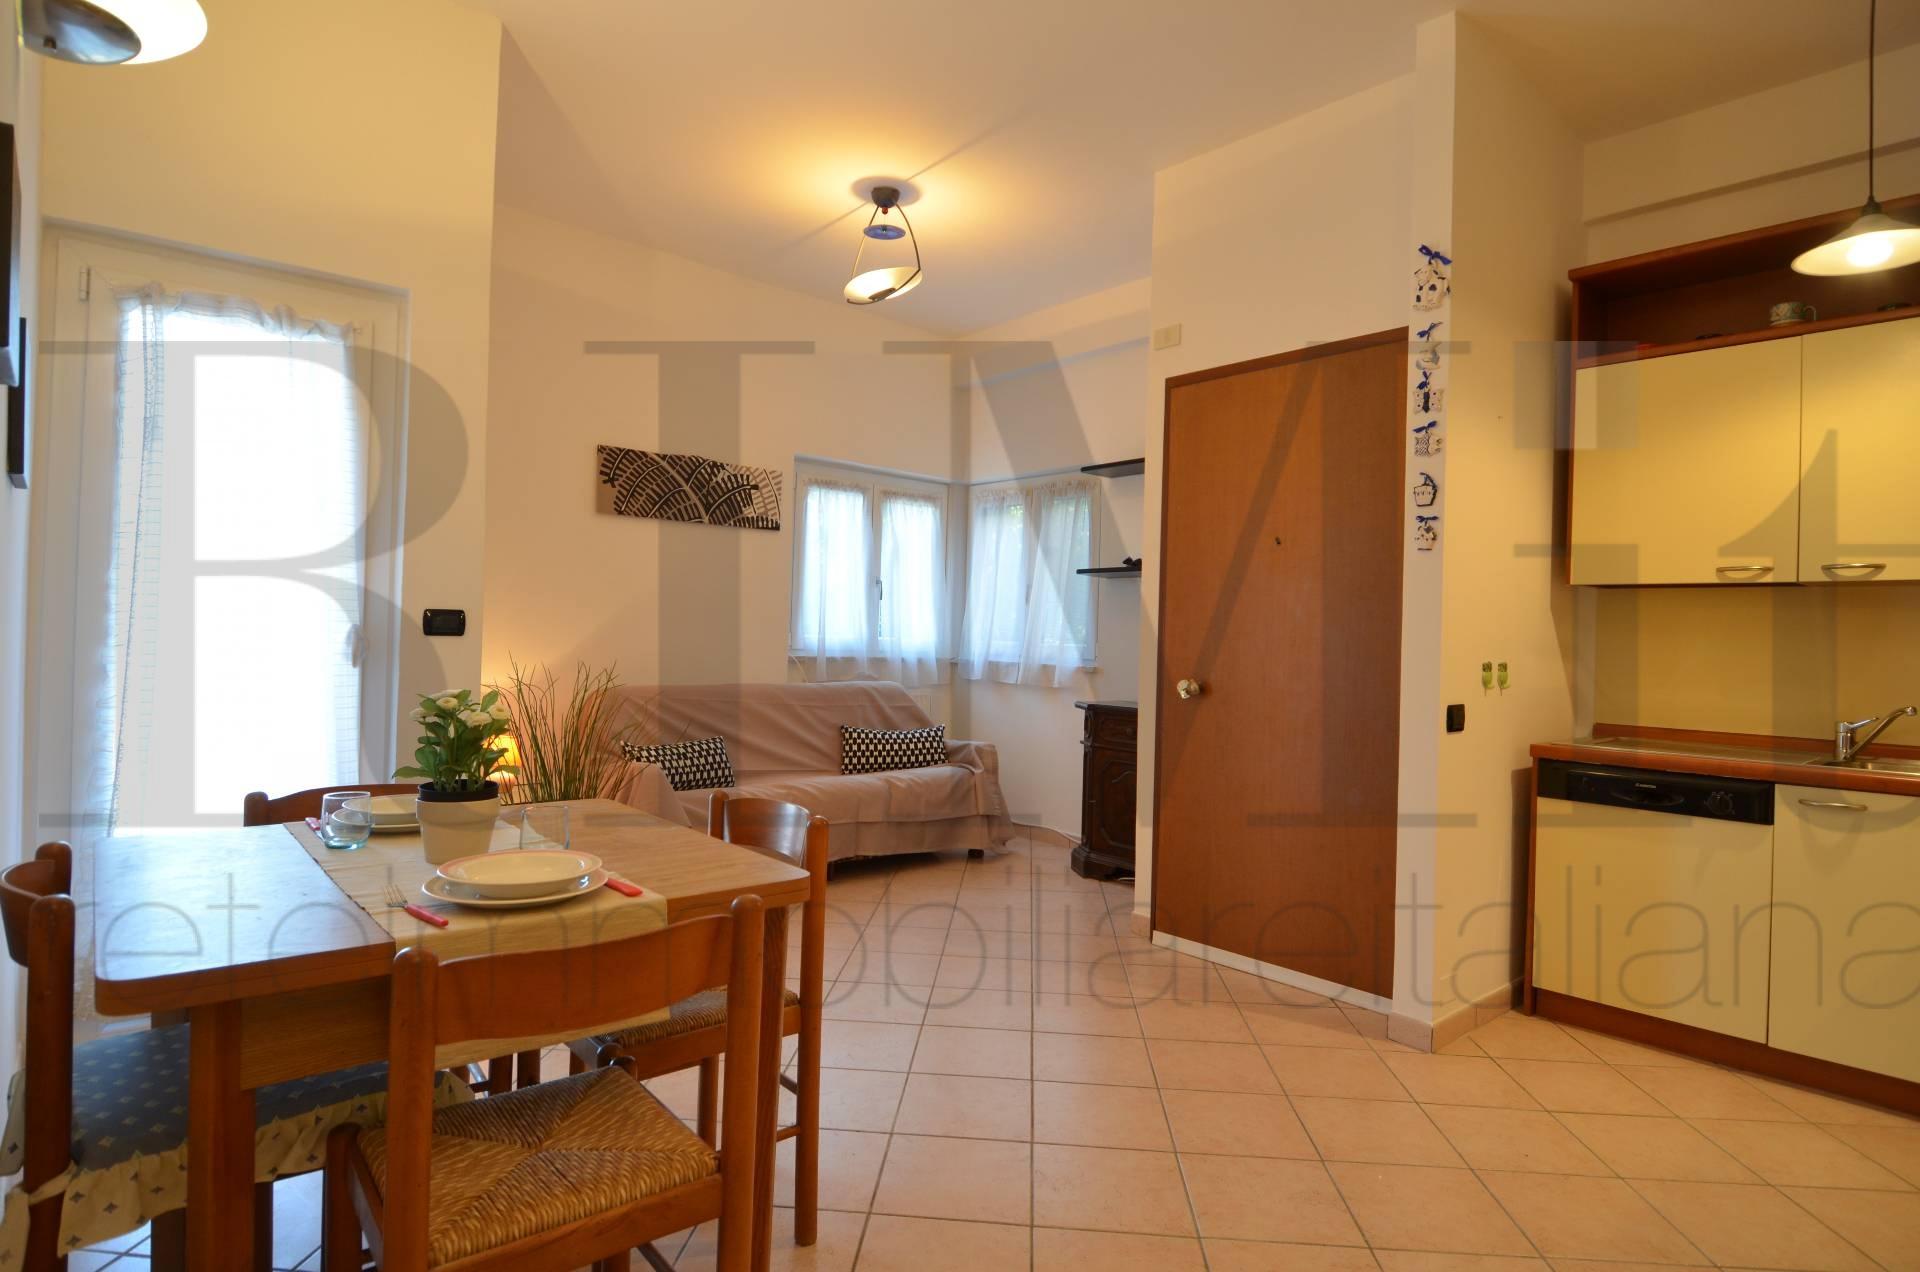 Appartamento in vendita a Moneglia, 3 locali, prezzo € 390.000 | Cambio Casa.it